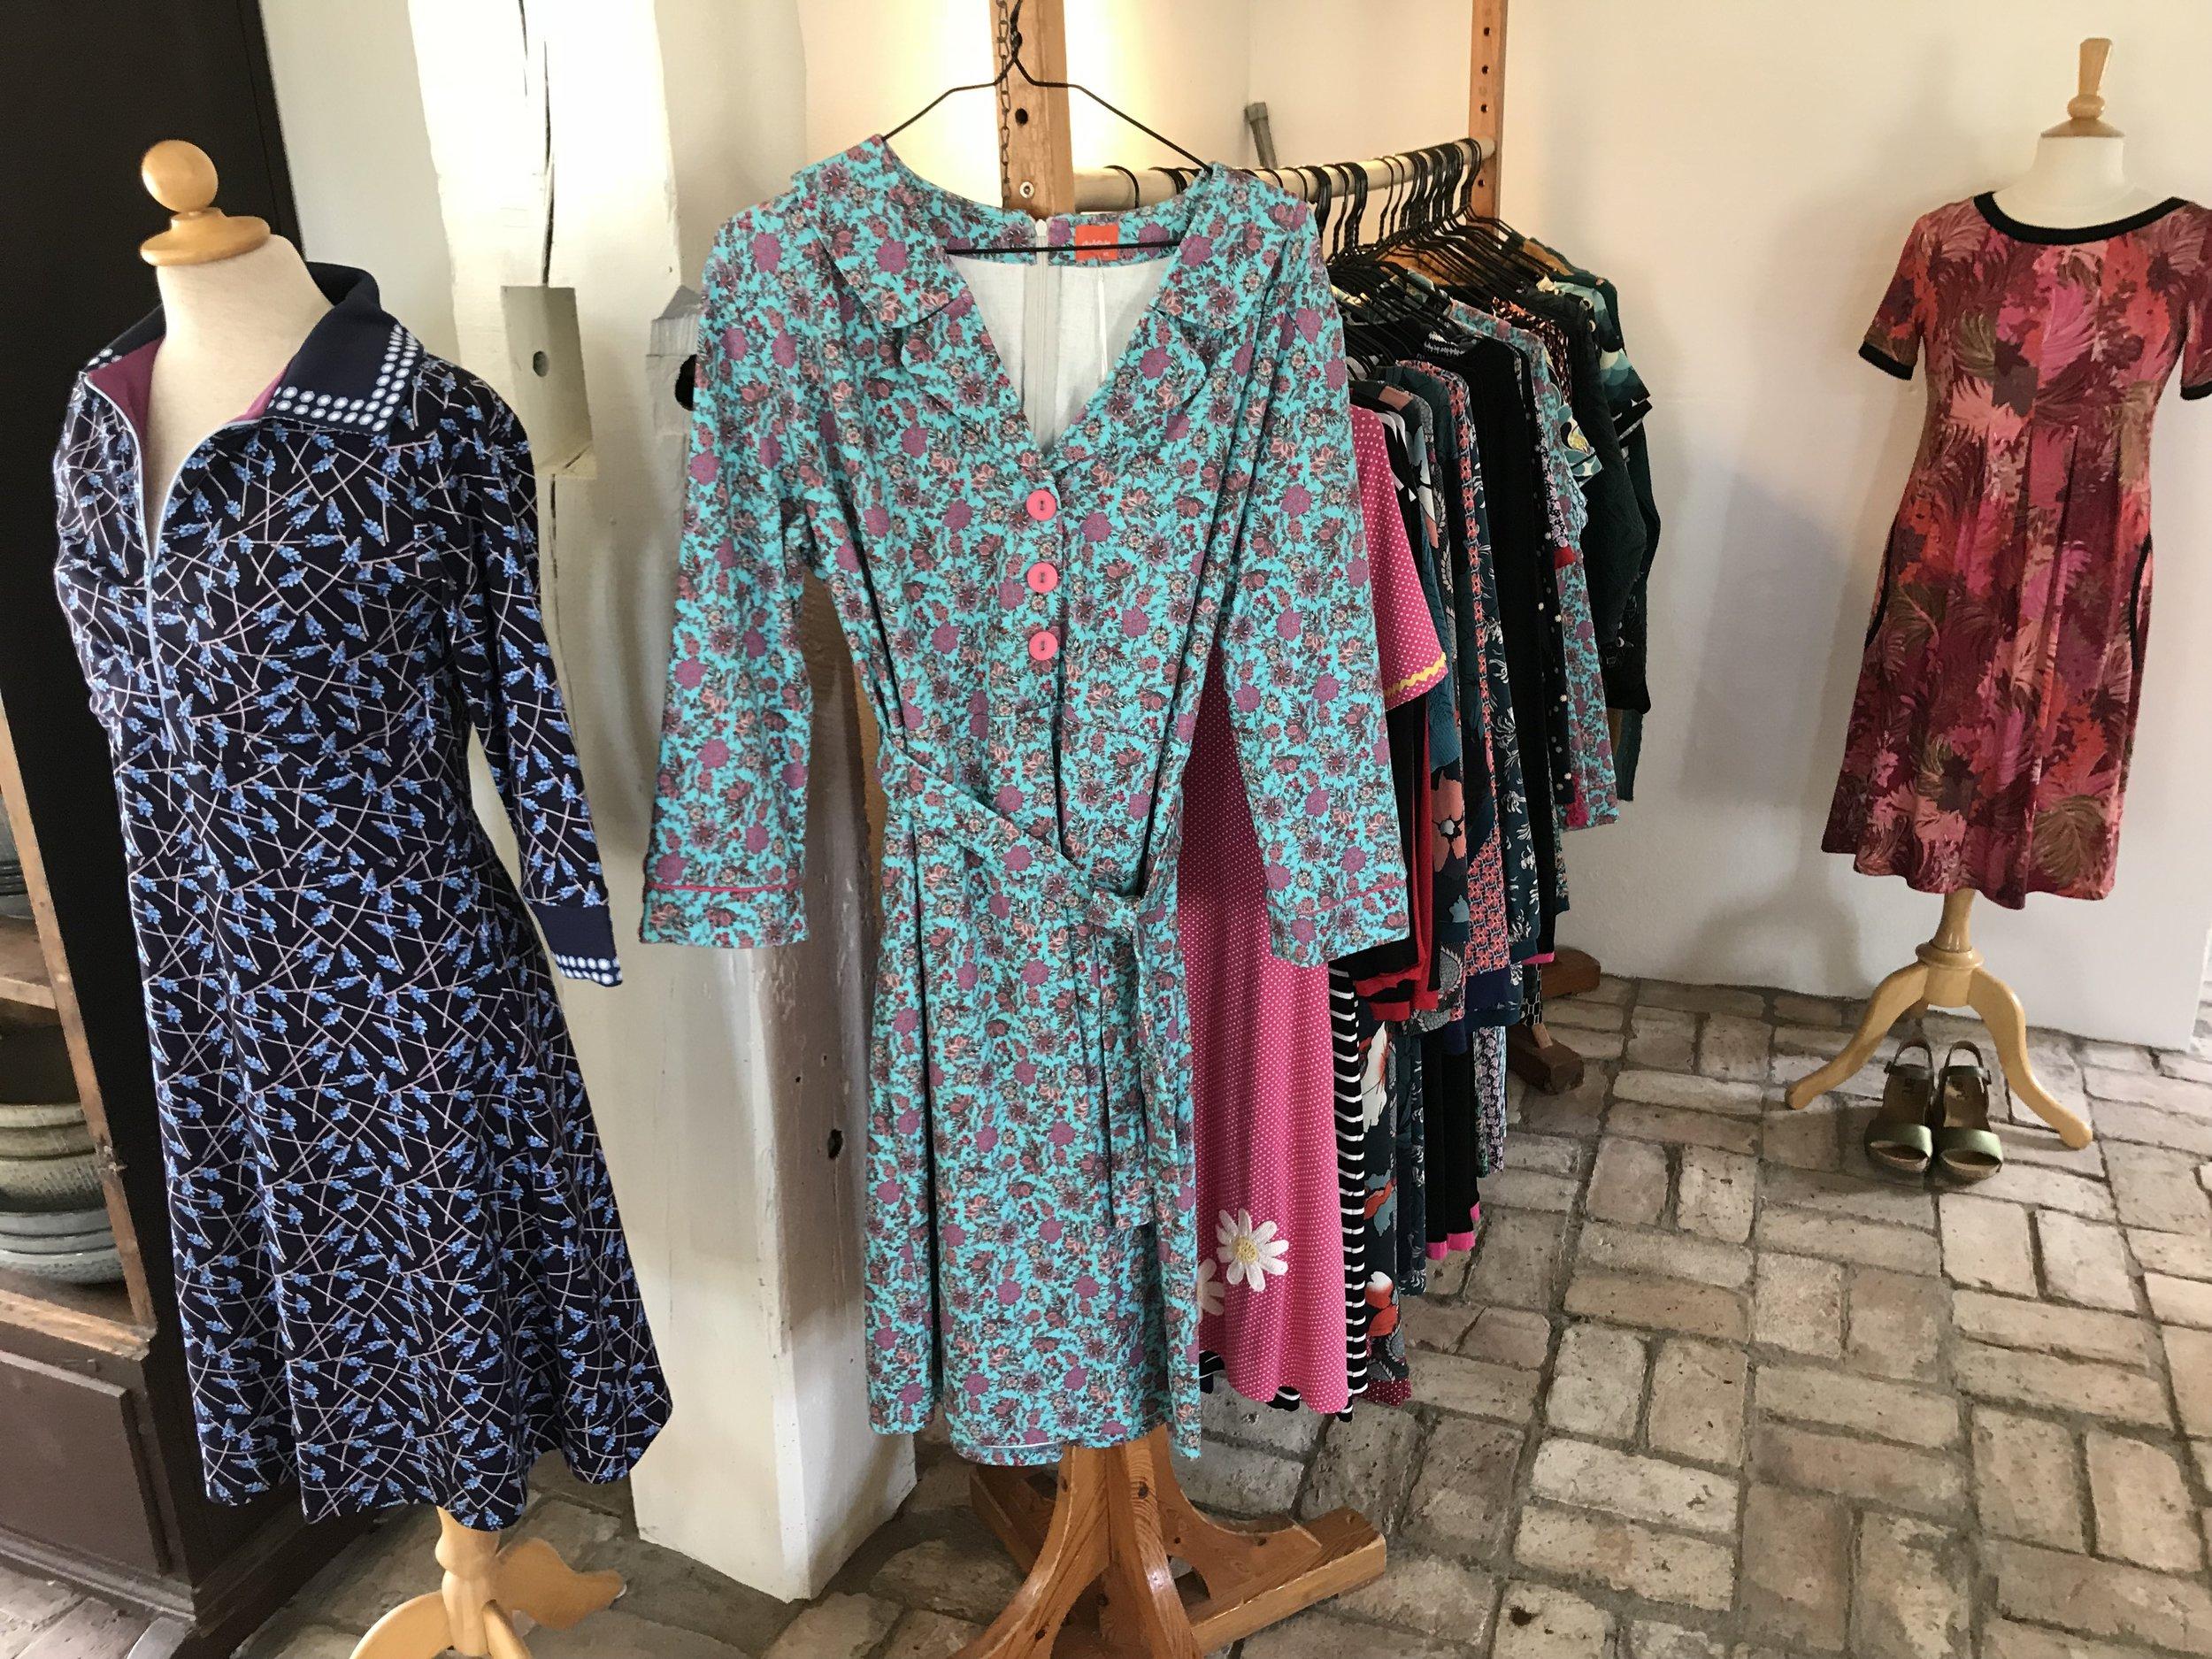 Kjolene på Fratide er verd å stoppe for hvis dere er på venninnetur til Bornhom. Foto: Odd Roar Lange